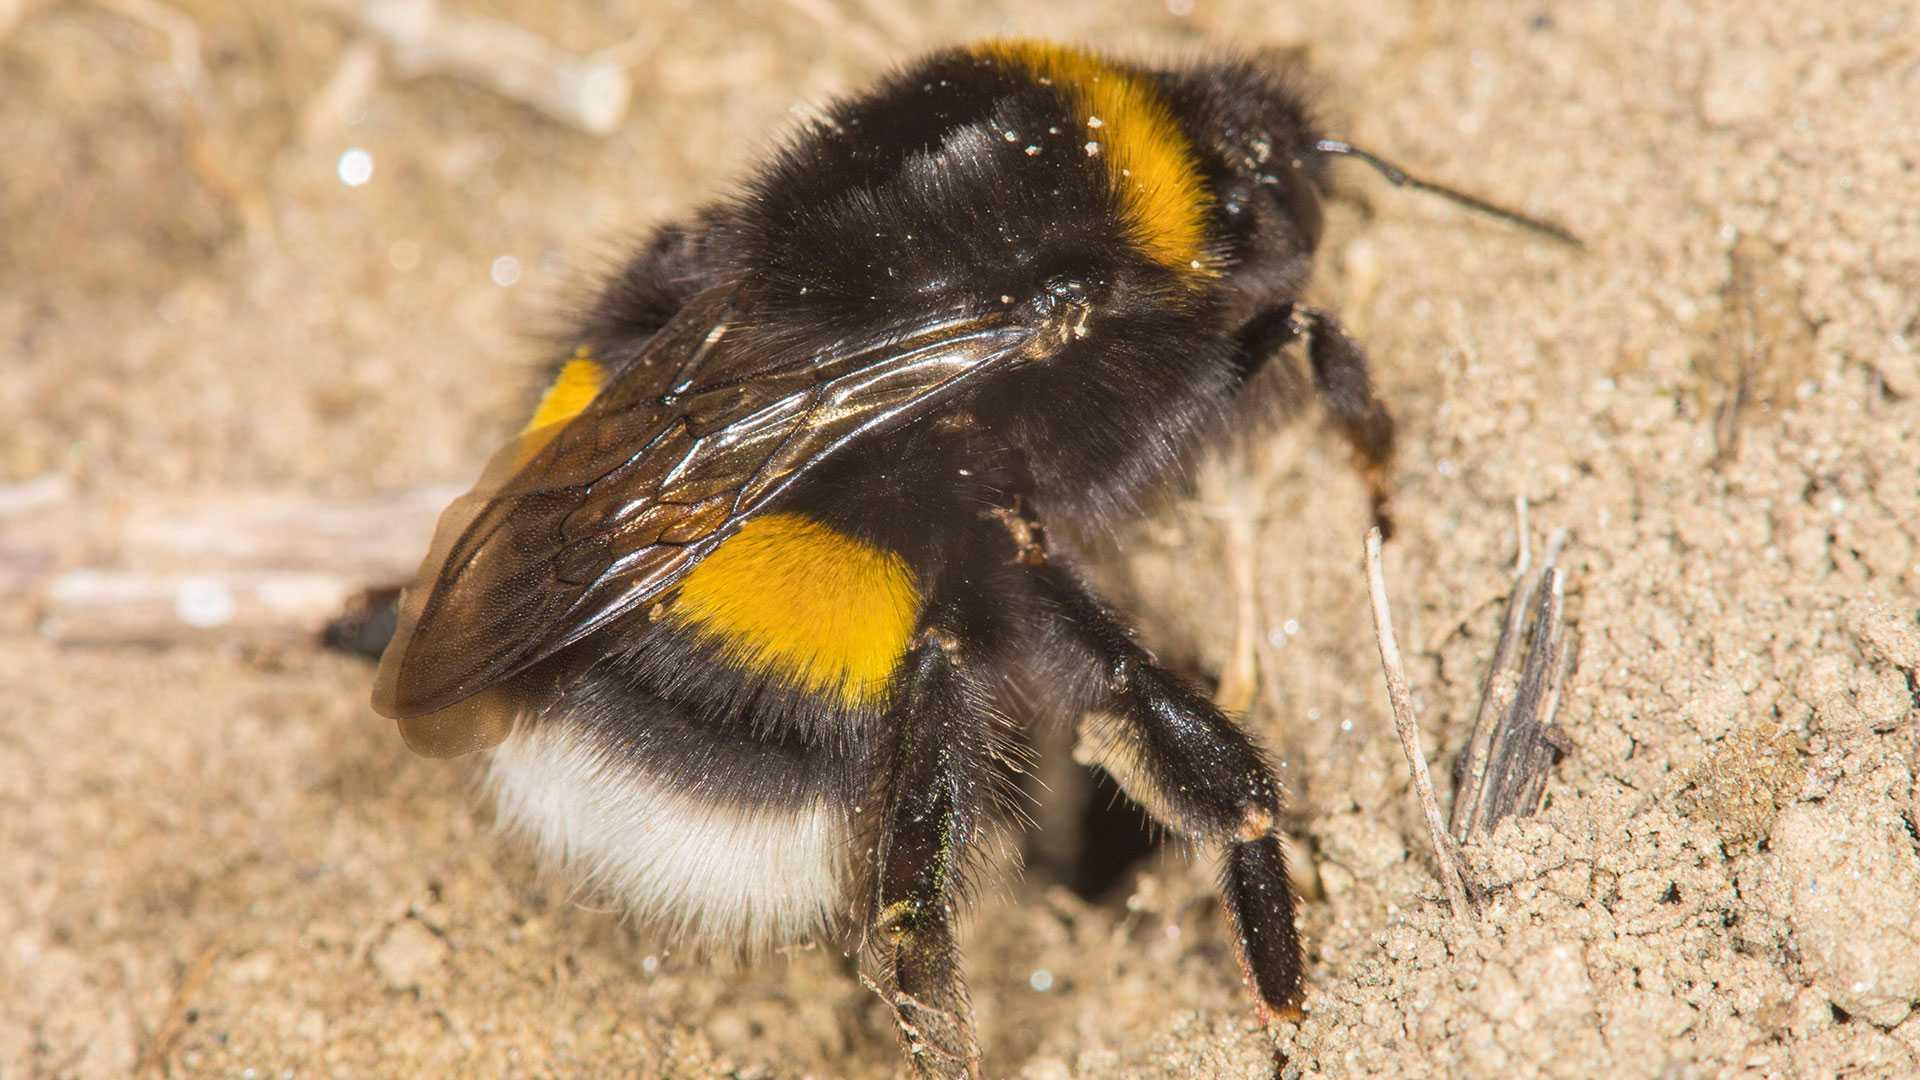 Warum sind Hummeln wichtig? Hummeln sind sehr wichtige Bestöuber, effektiver als zum Beispiel Honigbienen.